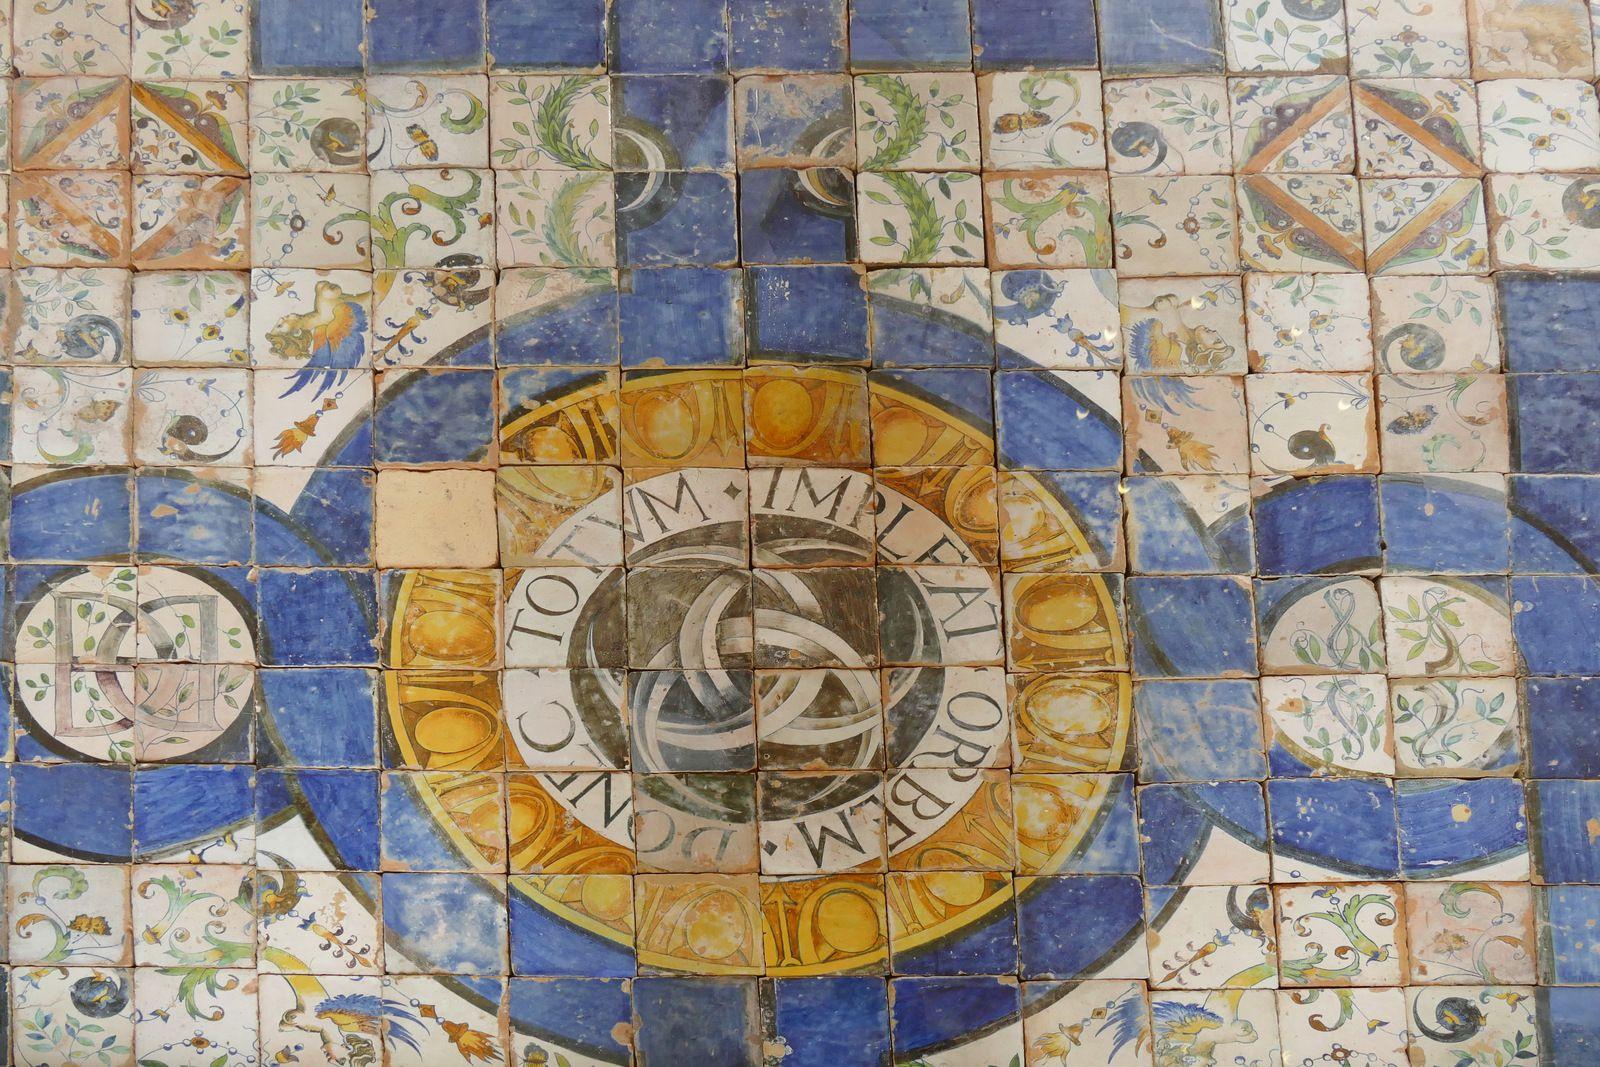 Pavement (Masséot Abaquesne)  du château d'Écouen. Photographie lavieb-aile.